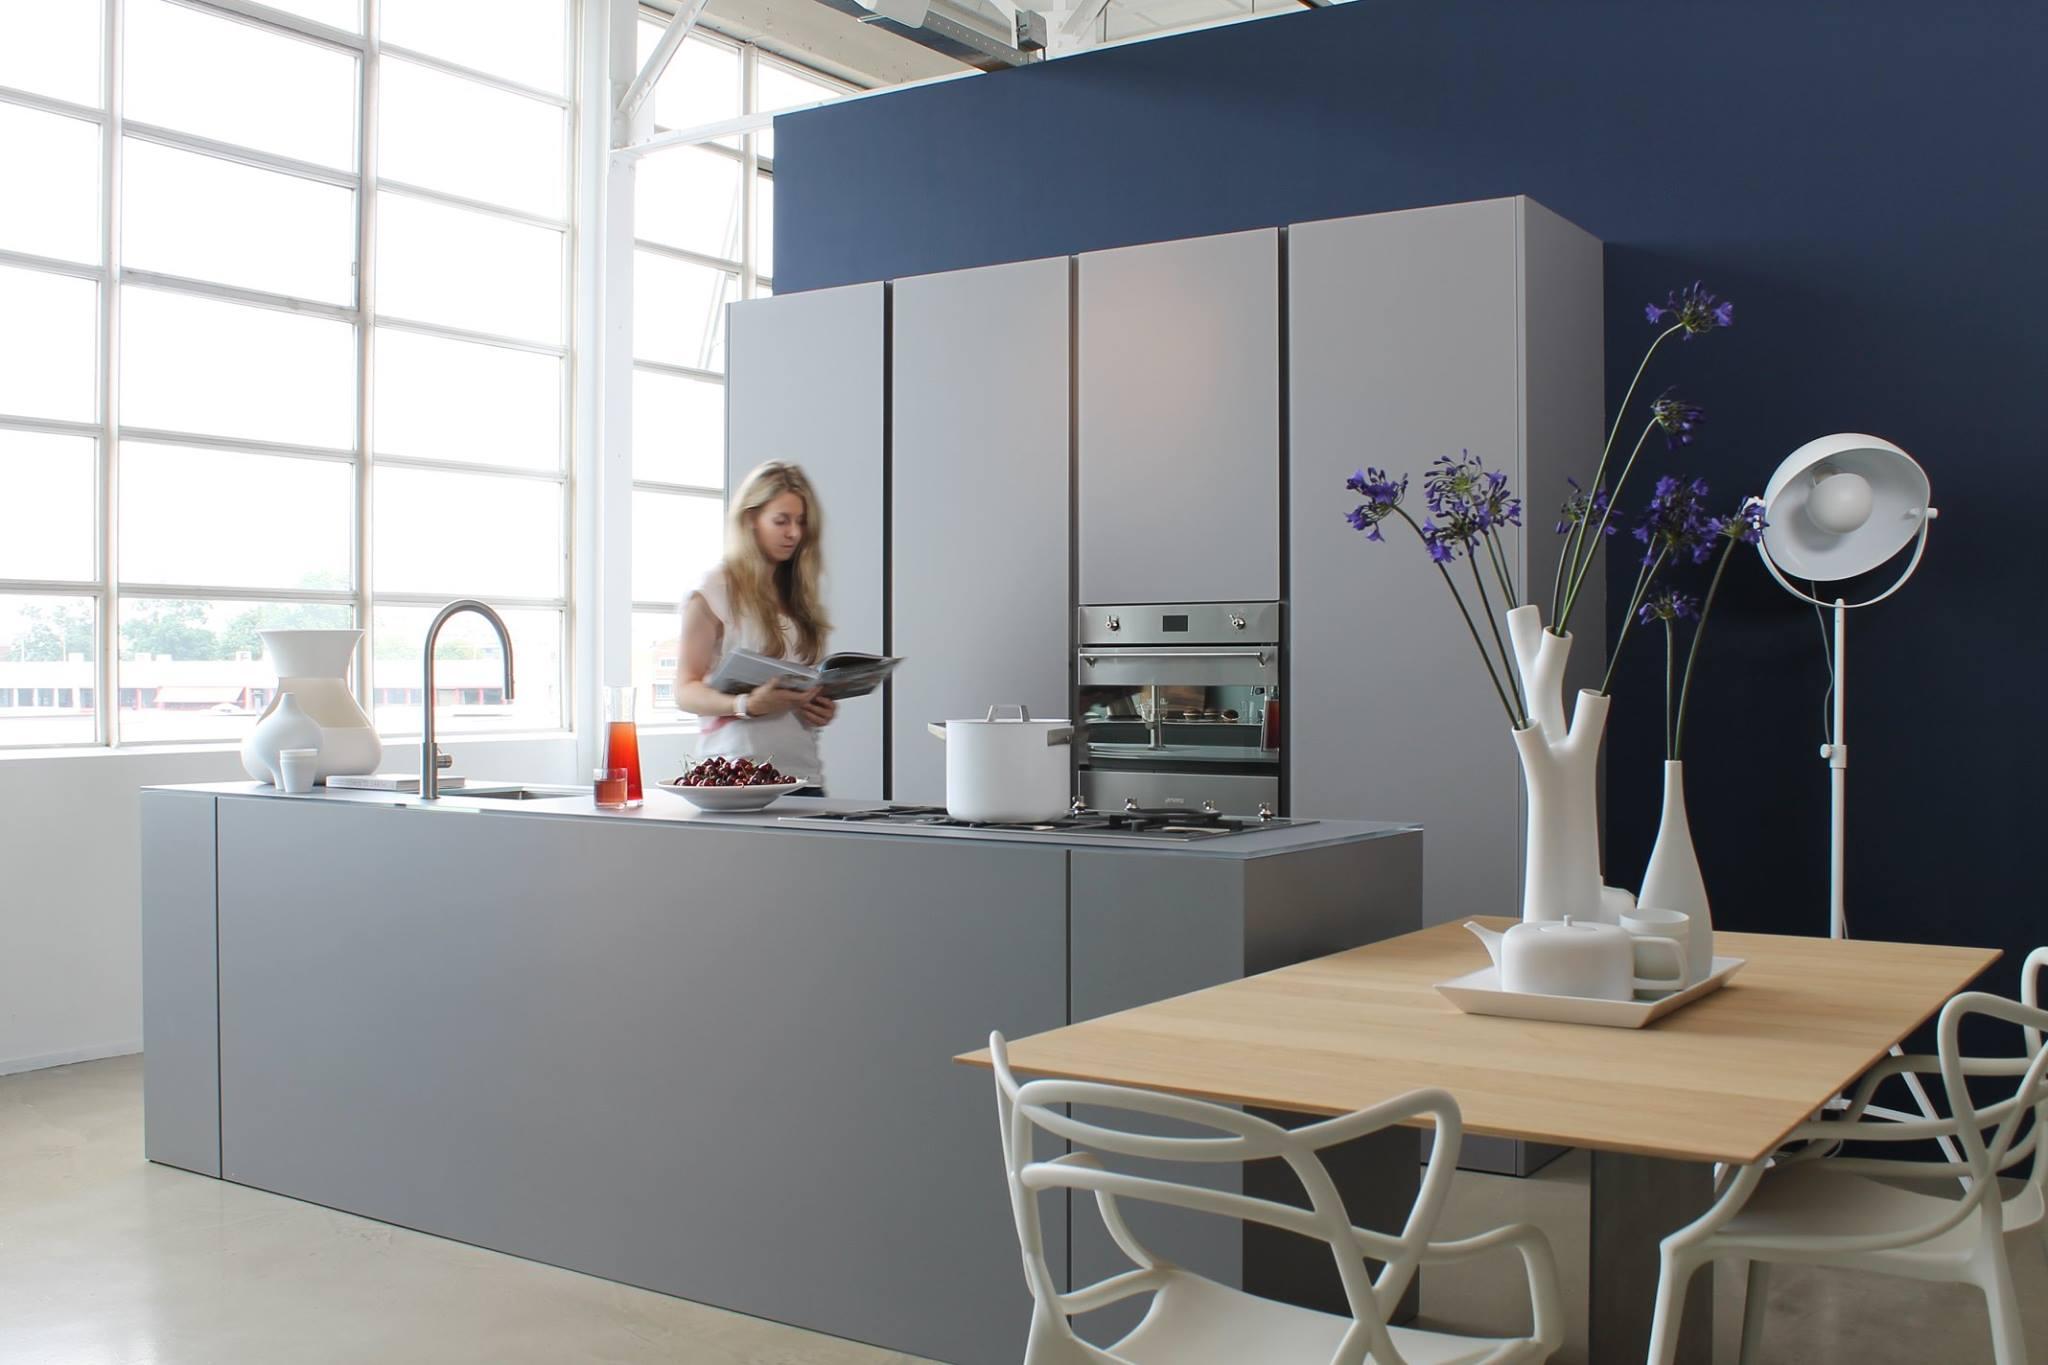 Keuken met kookeiland van Modulnova bij Loods 5